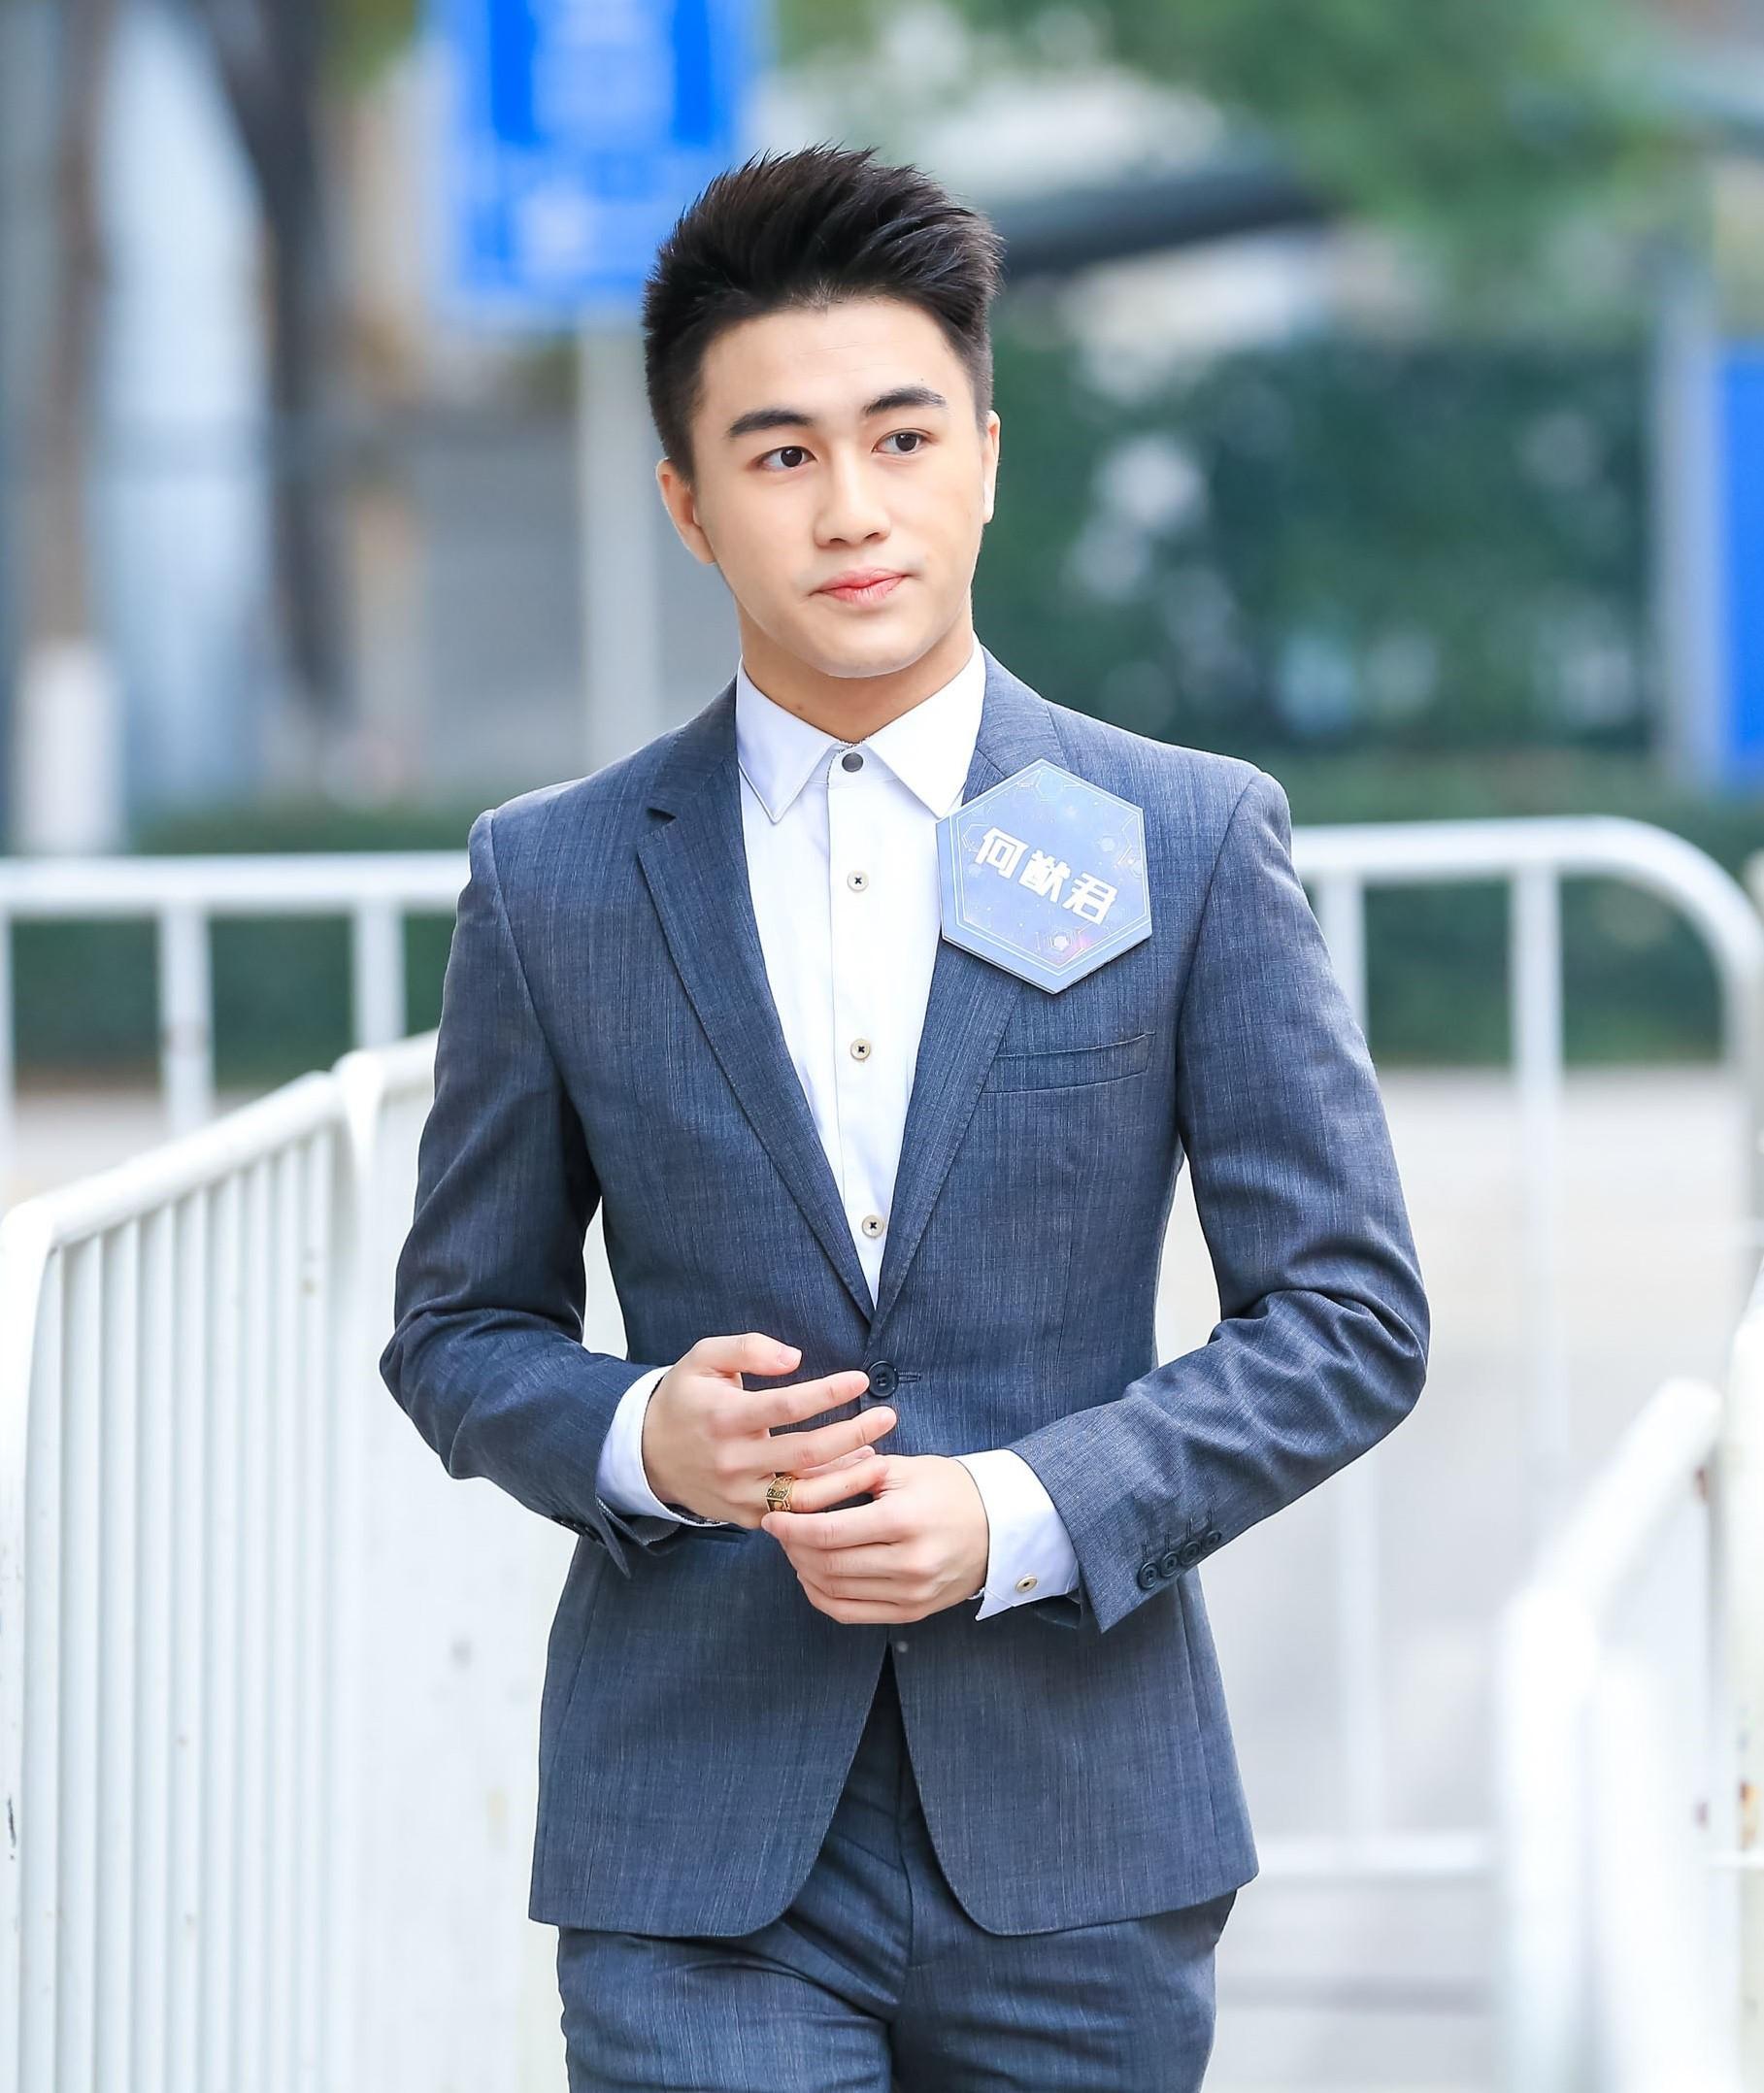 Muốn biết phong cách soái ca là như thế nào, bạn hãy nhìn vào bạn trai tin đồn của siêu mẫu Ming Xi - Ảnh 4.